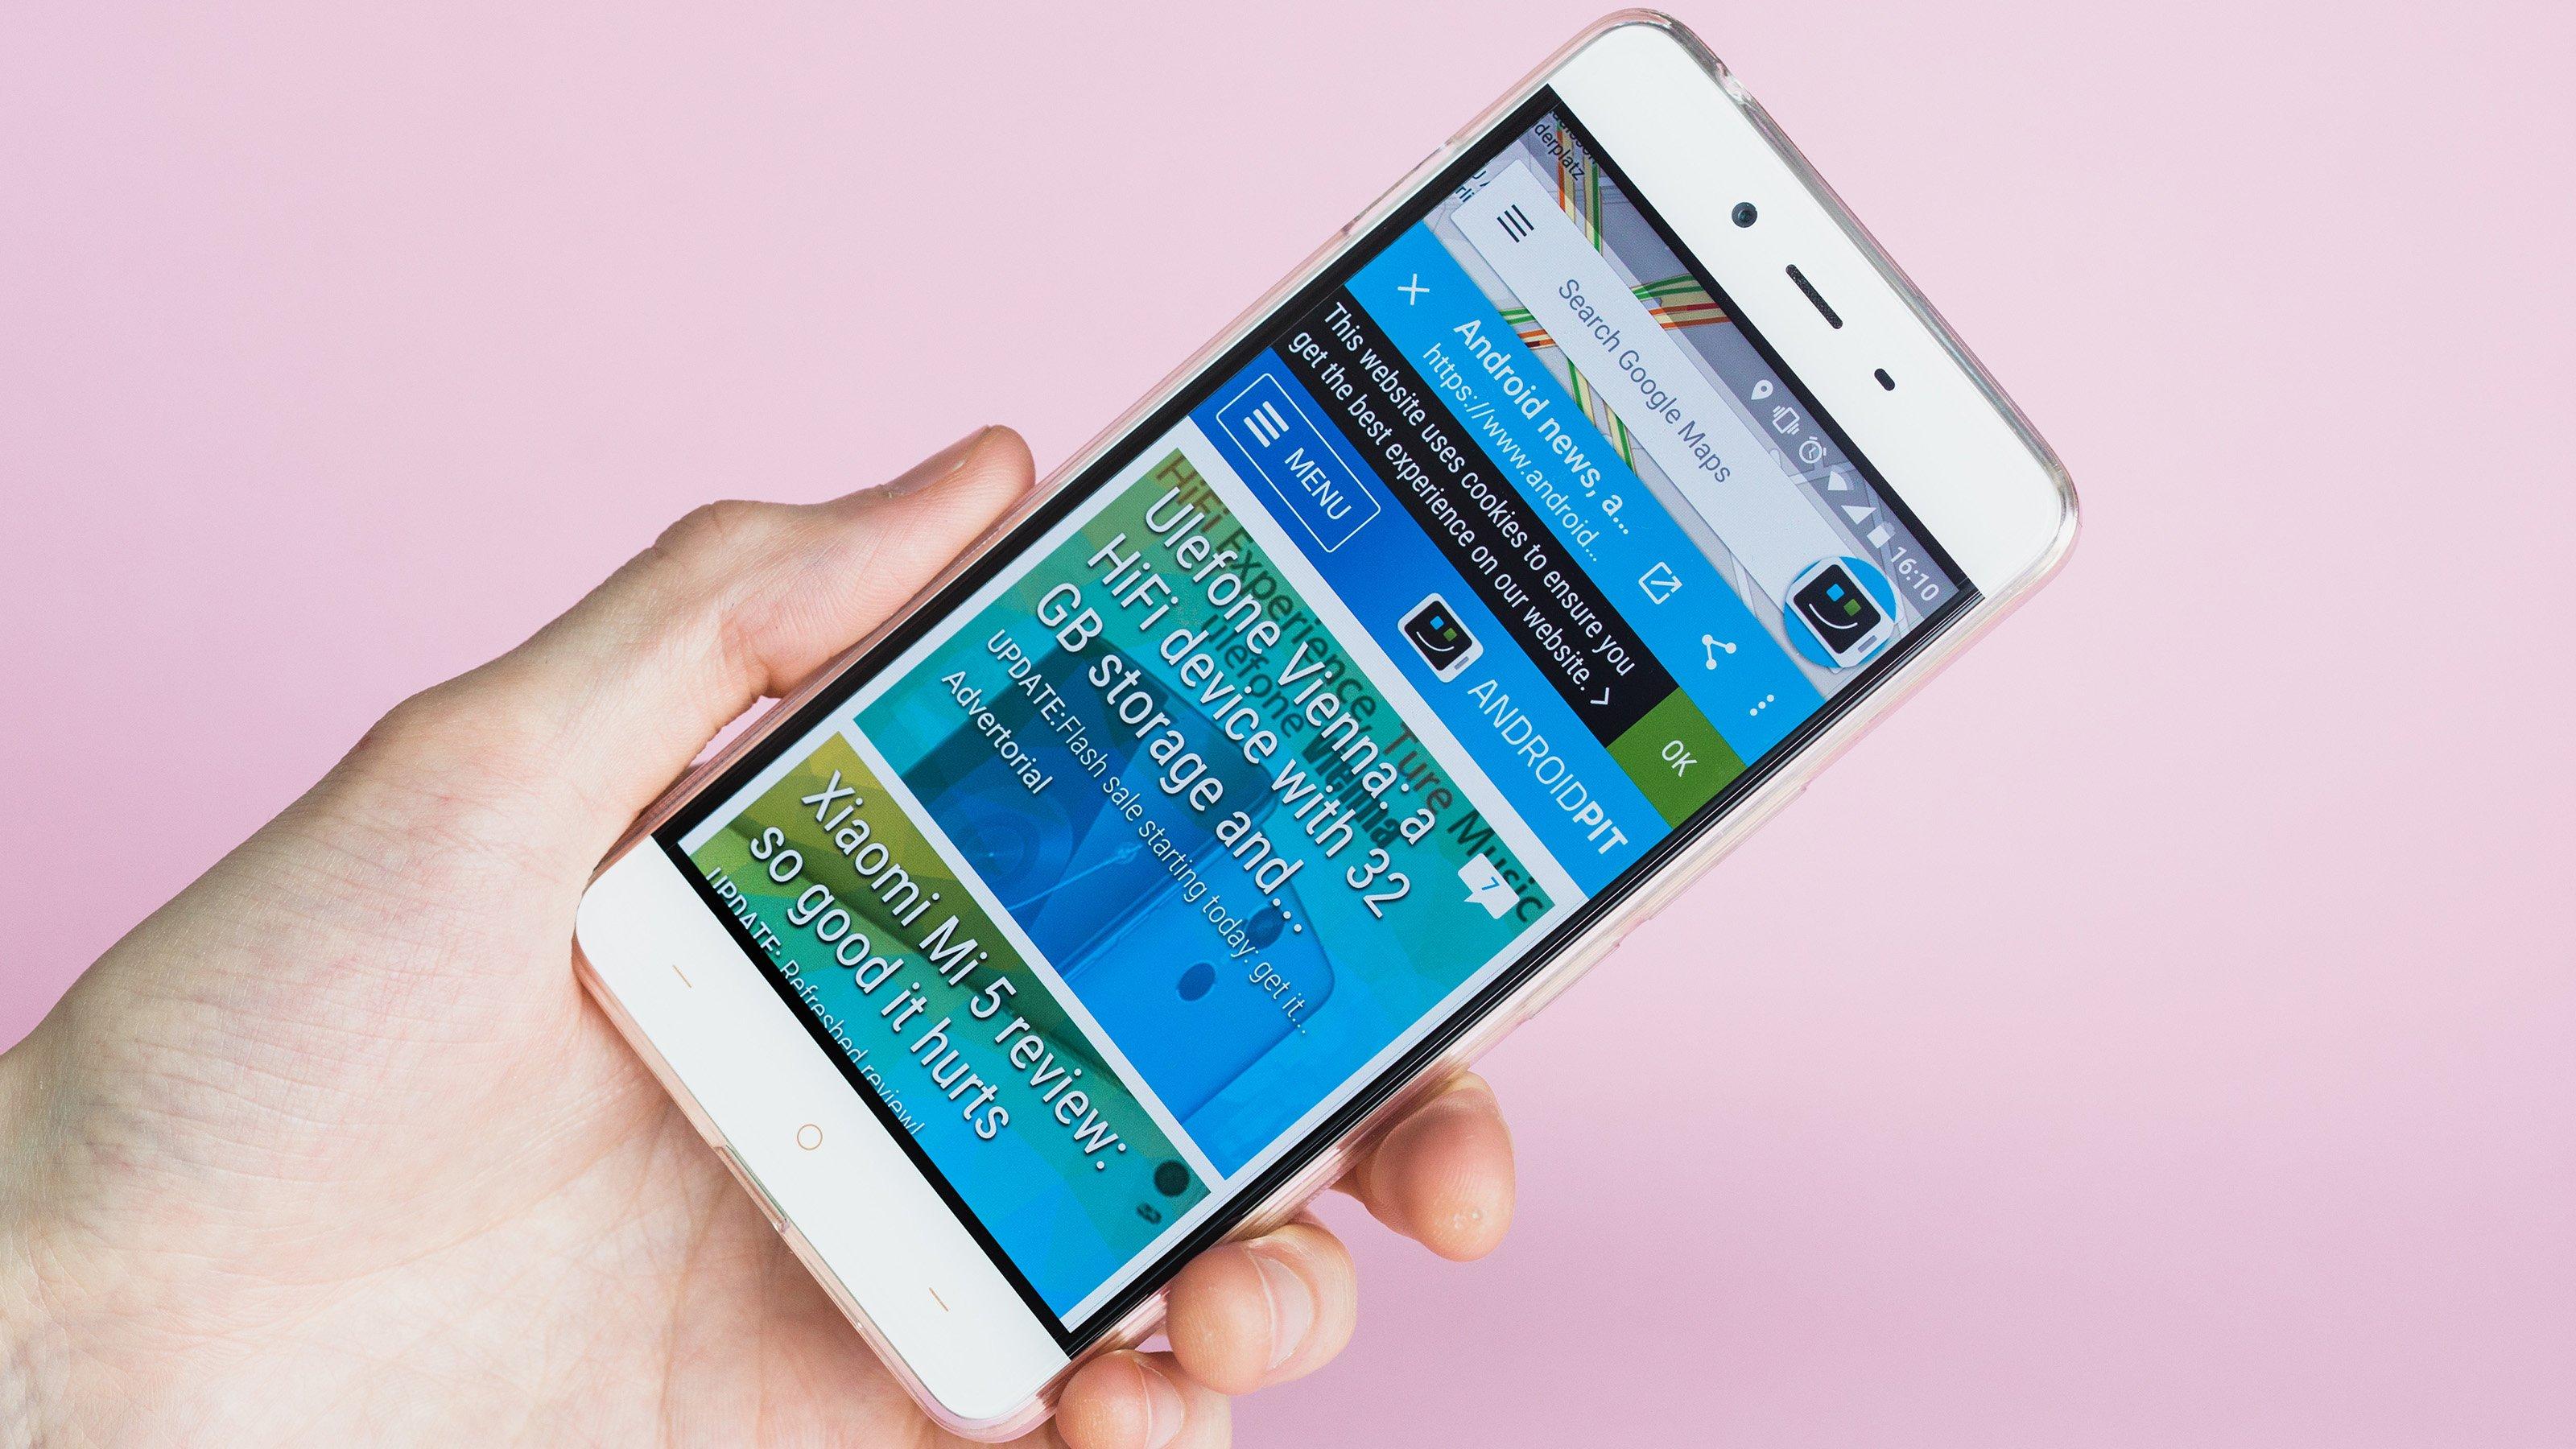 b8c6b2f45 Melhores navegadores de internet para Android  qual é o seu favorito ...